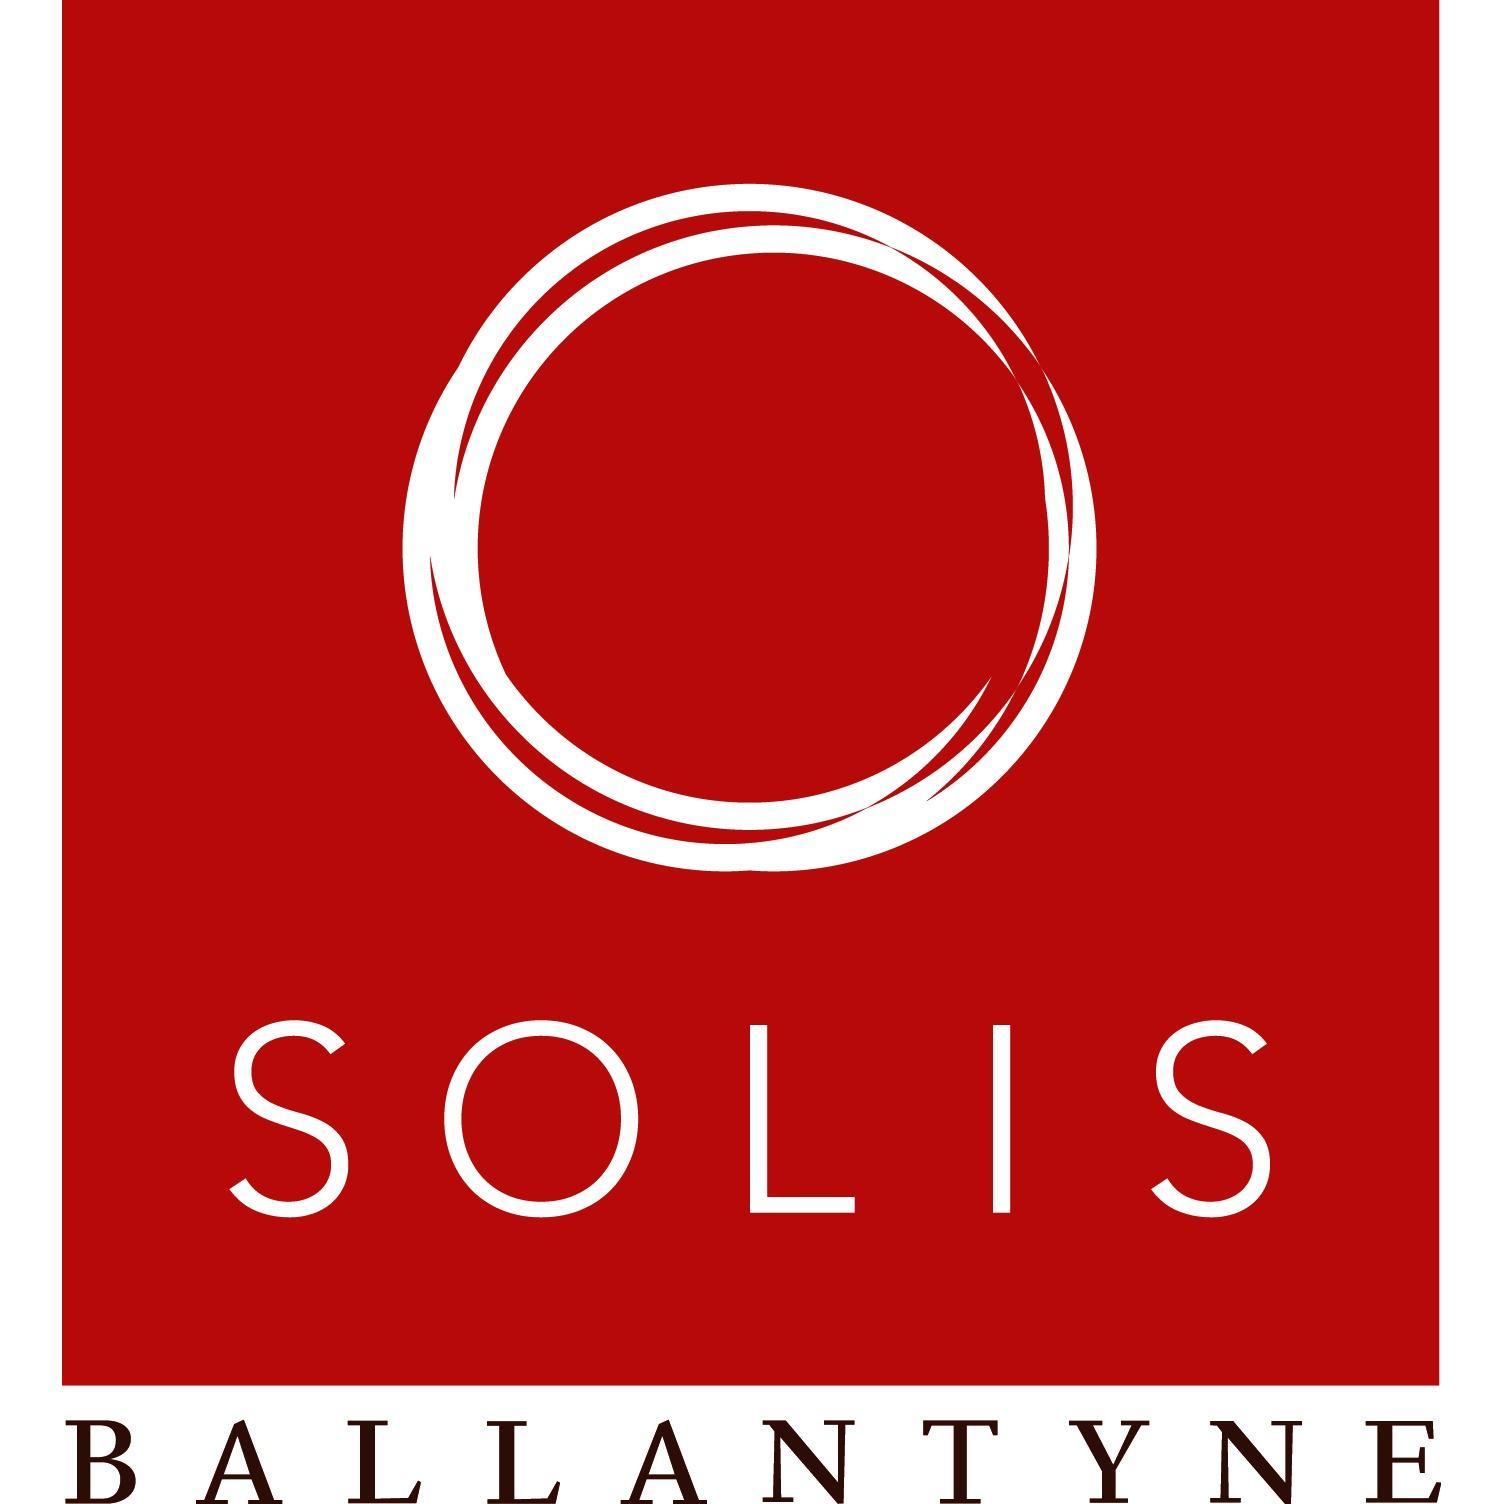 Solis Ballantyne